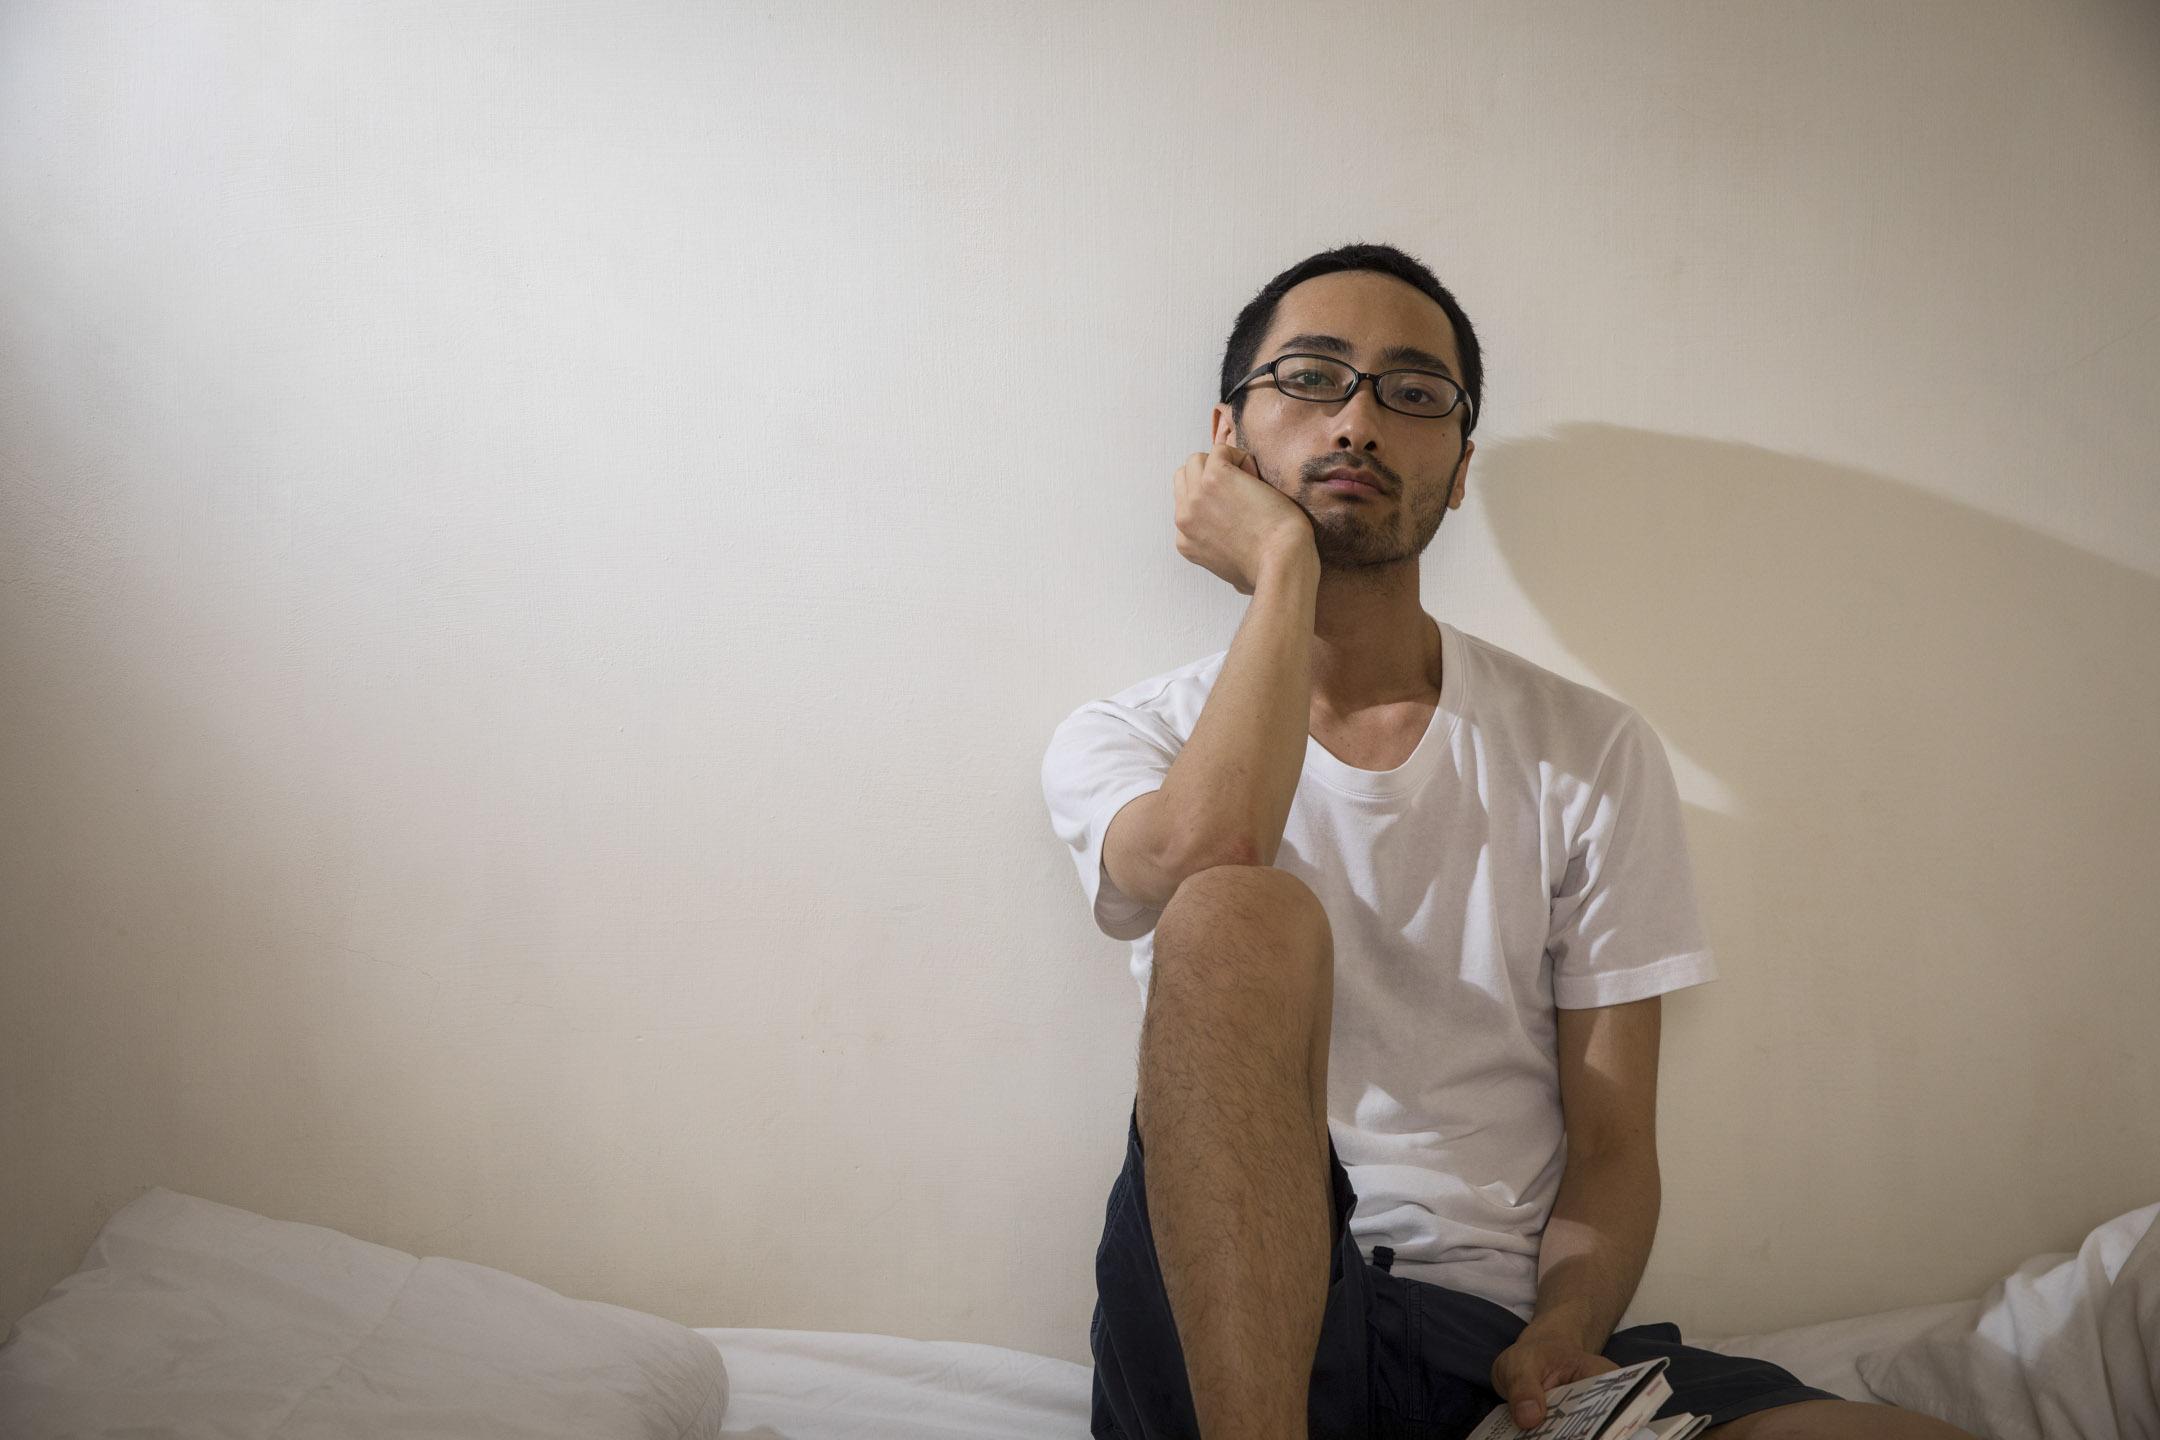 大原扁理,是一位生活在台灣的日本人。他今年33歲。和其他以工作學習或者婚姻為由居住台灣的外國人不同,大原是為了嘗試「上班兩日、週休五日」的生活而來台灣的。 攝:張藍/端傳媒